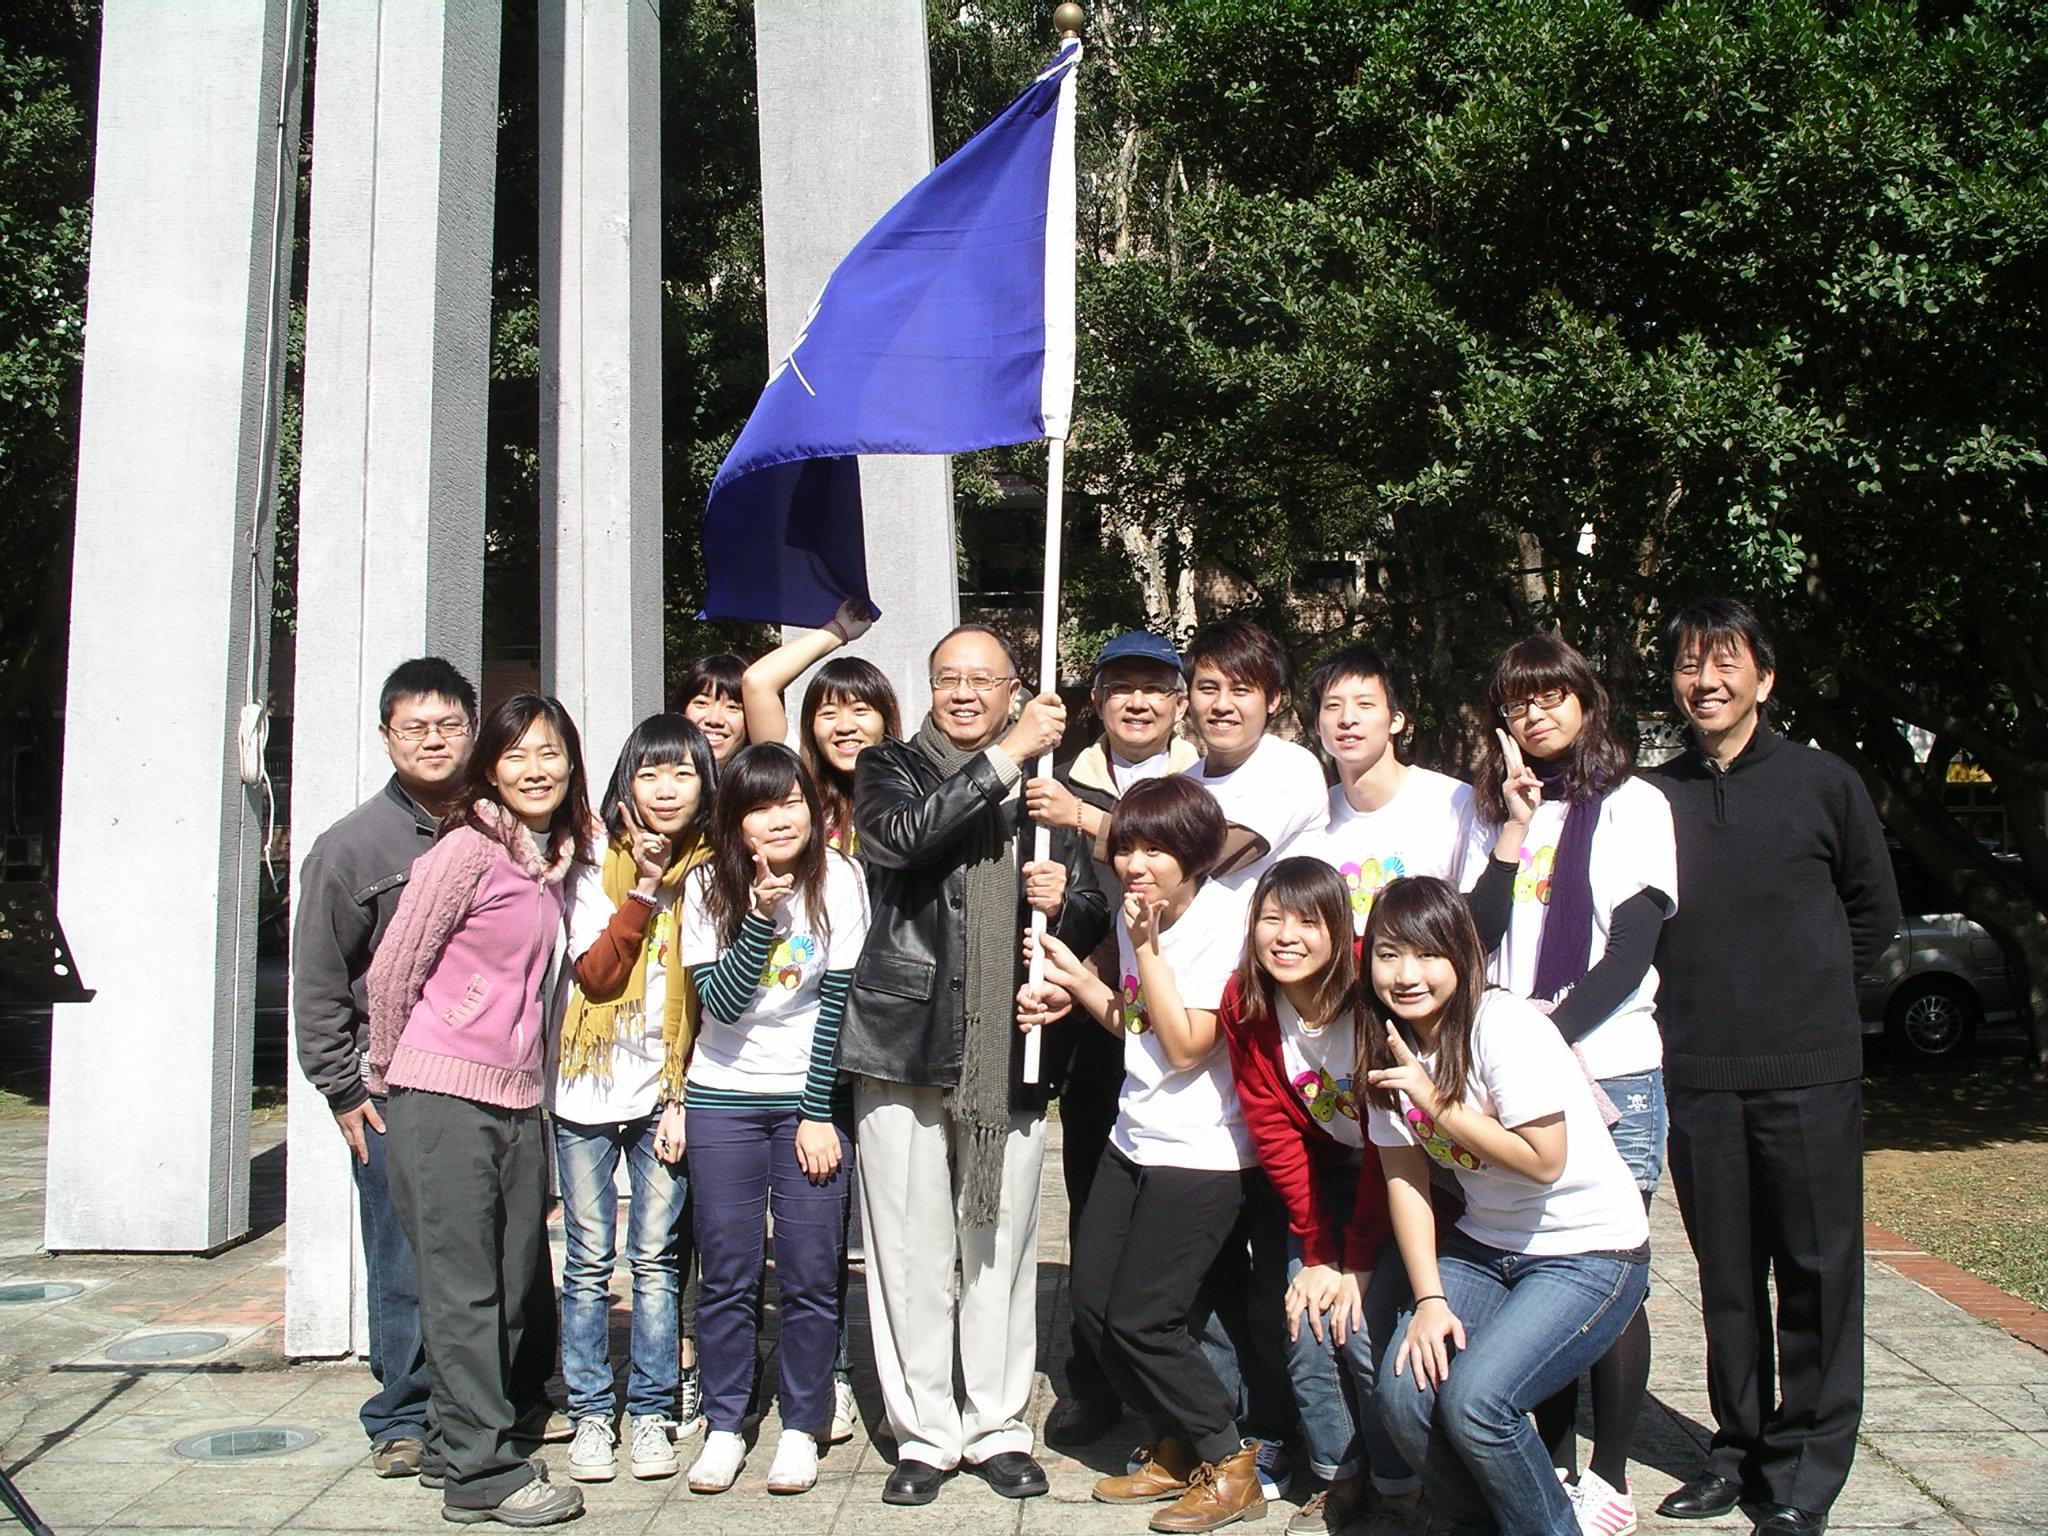 中原大學海外志工寒冬送暖 前進柬埔寨、北印度關懷服務